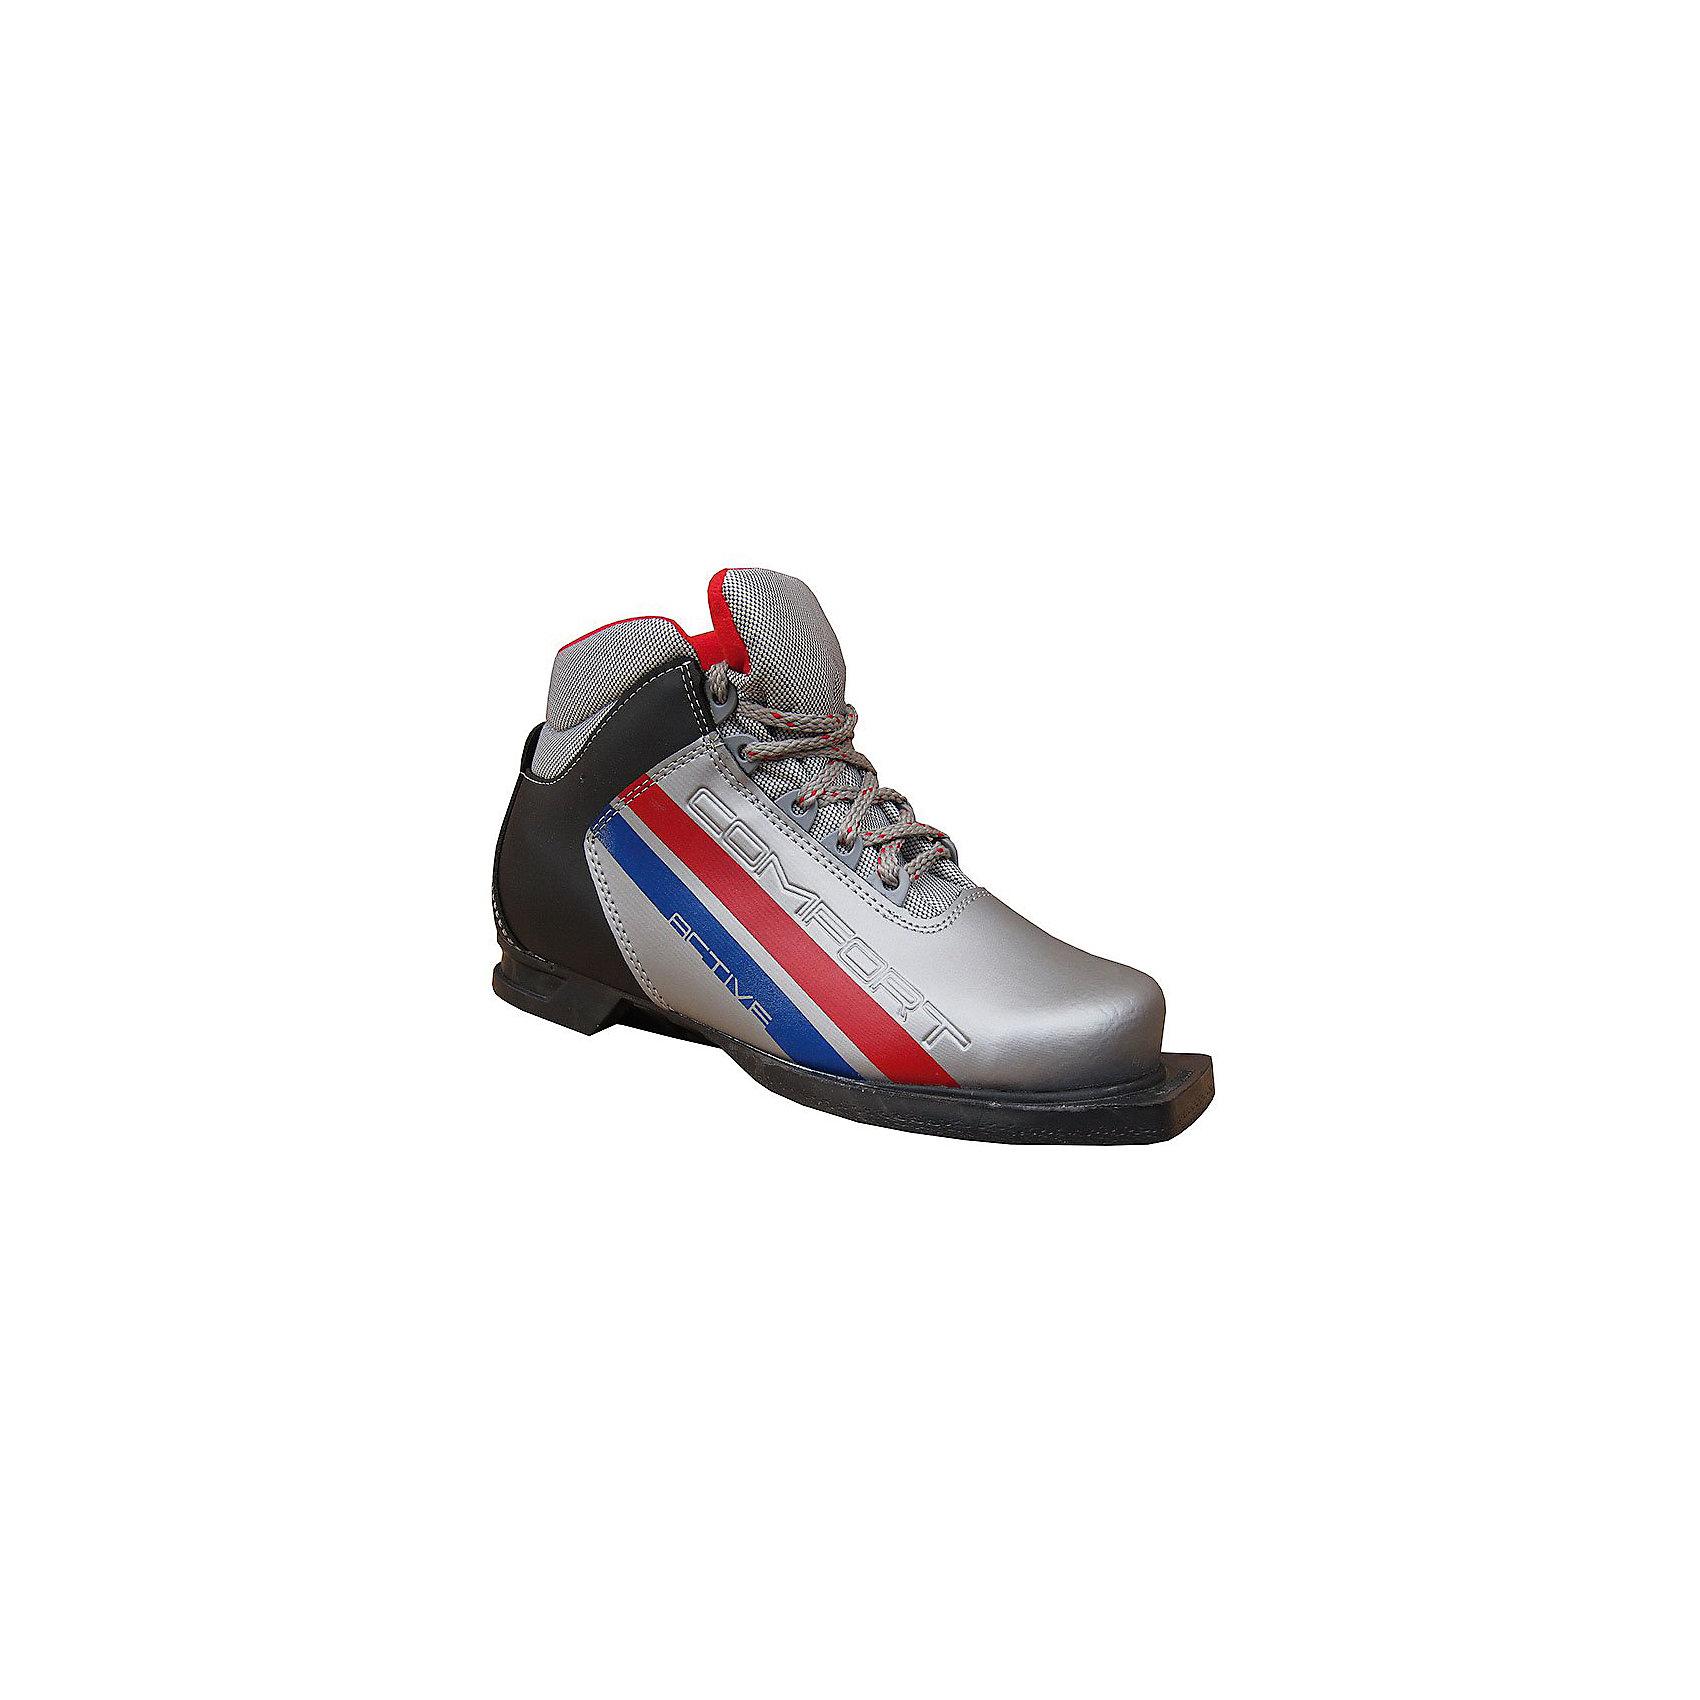 Ботинки лыжные 75мм М350, МАРАКС, серебро-черный